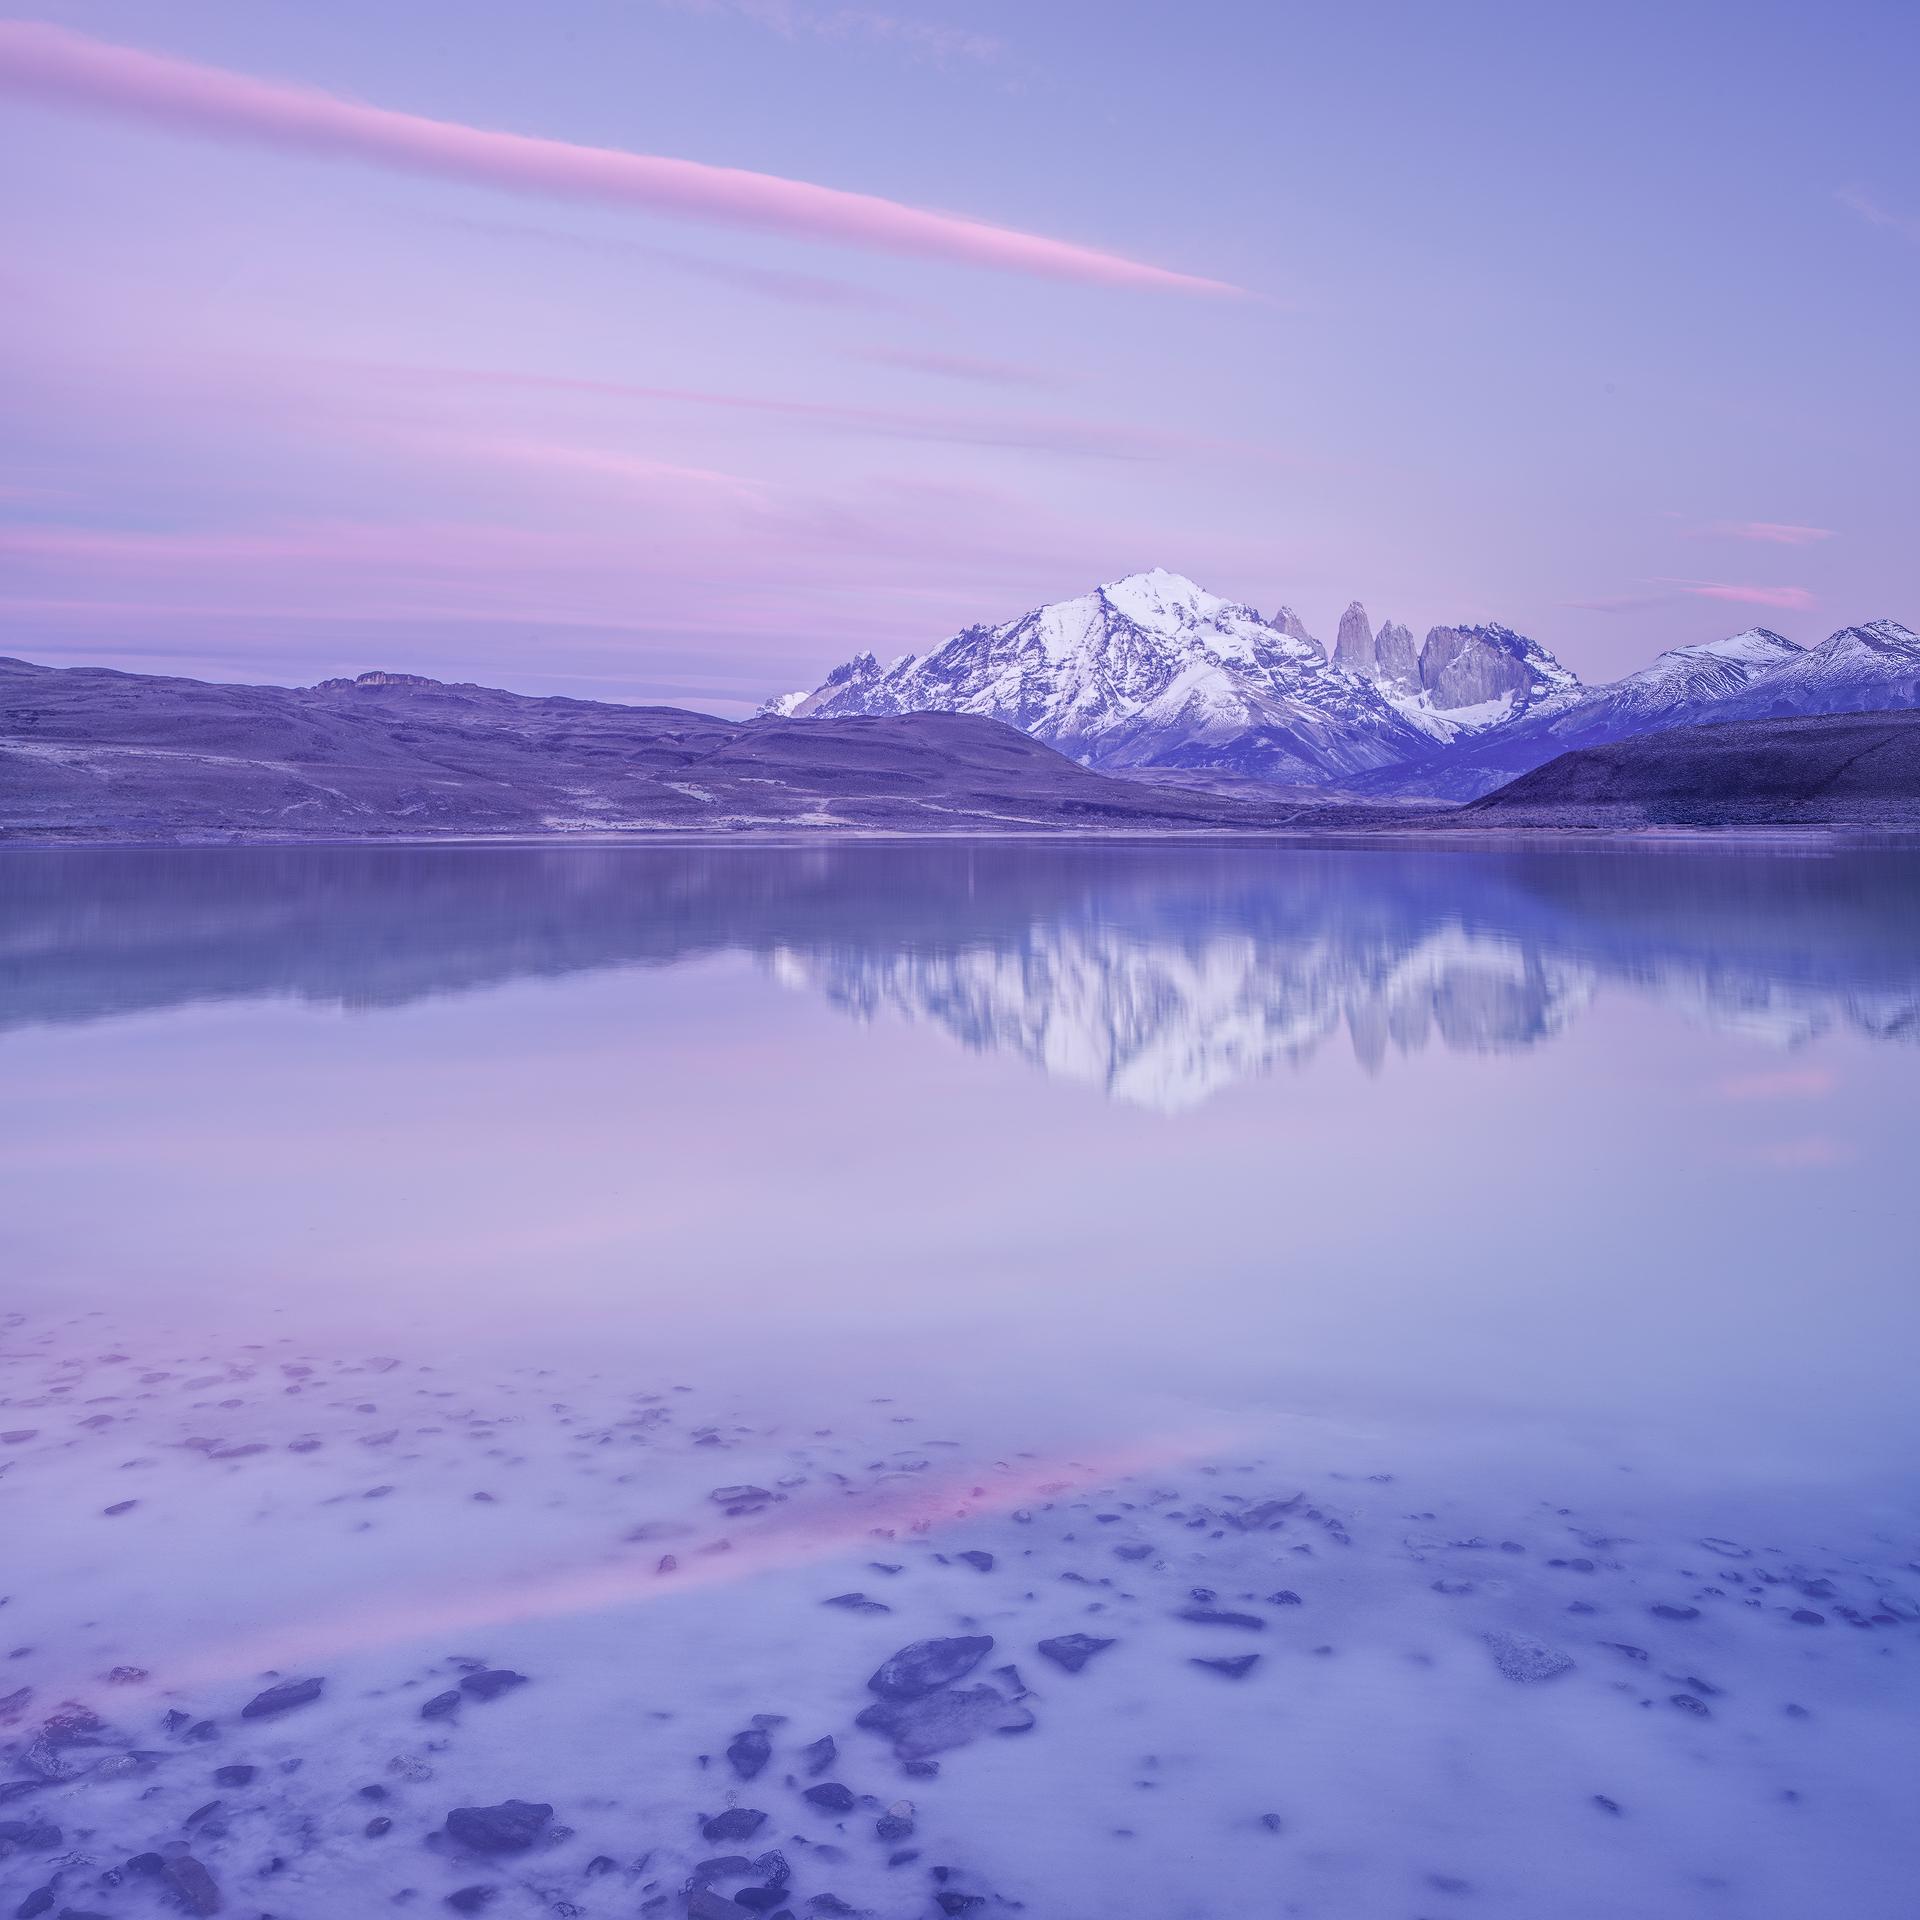 Lago Armaga, study#3 - Torres del Paine, Patagonia